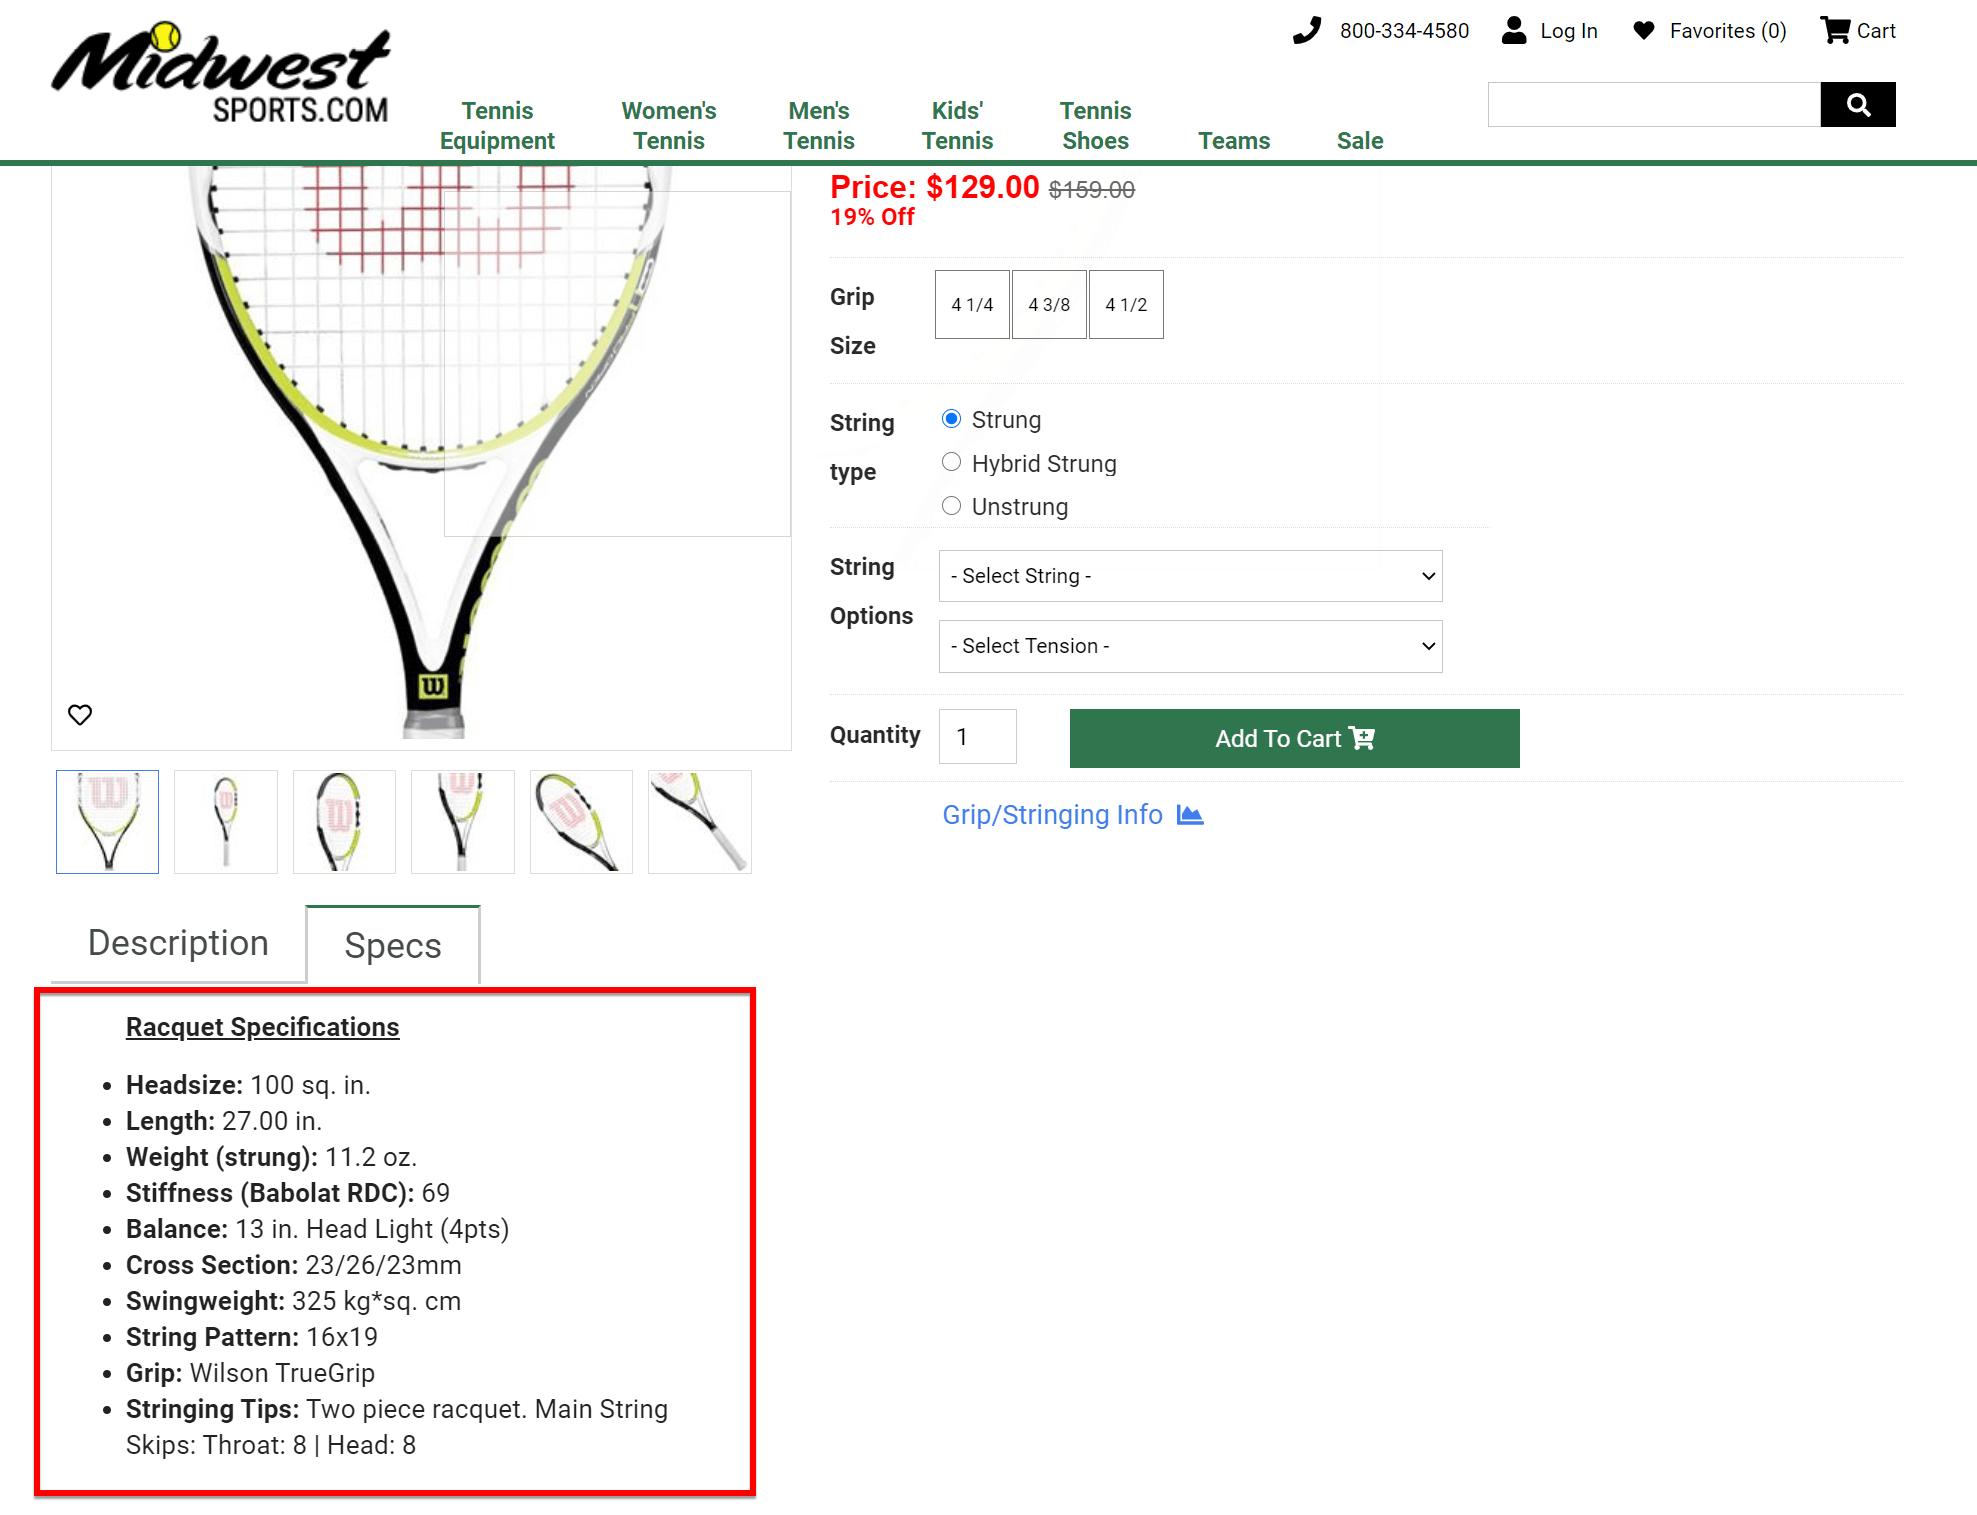 Specs for a tennis racquet